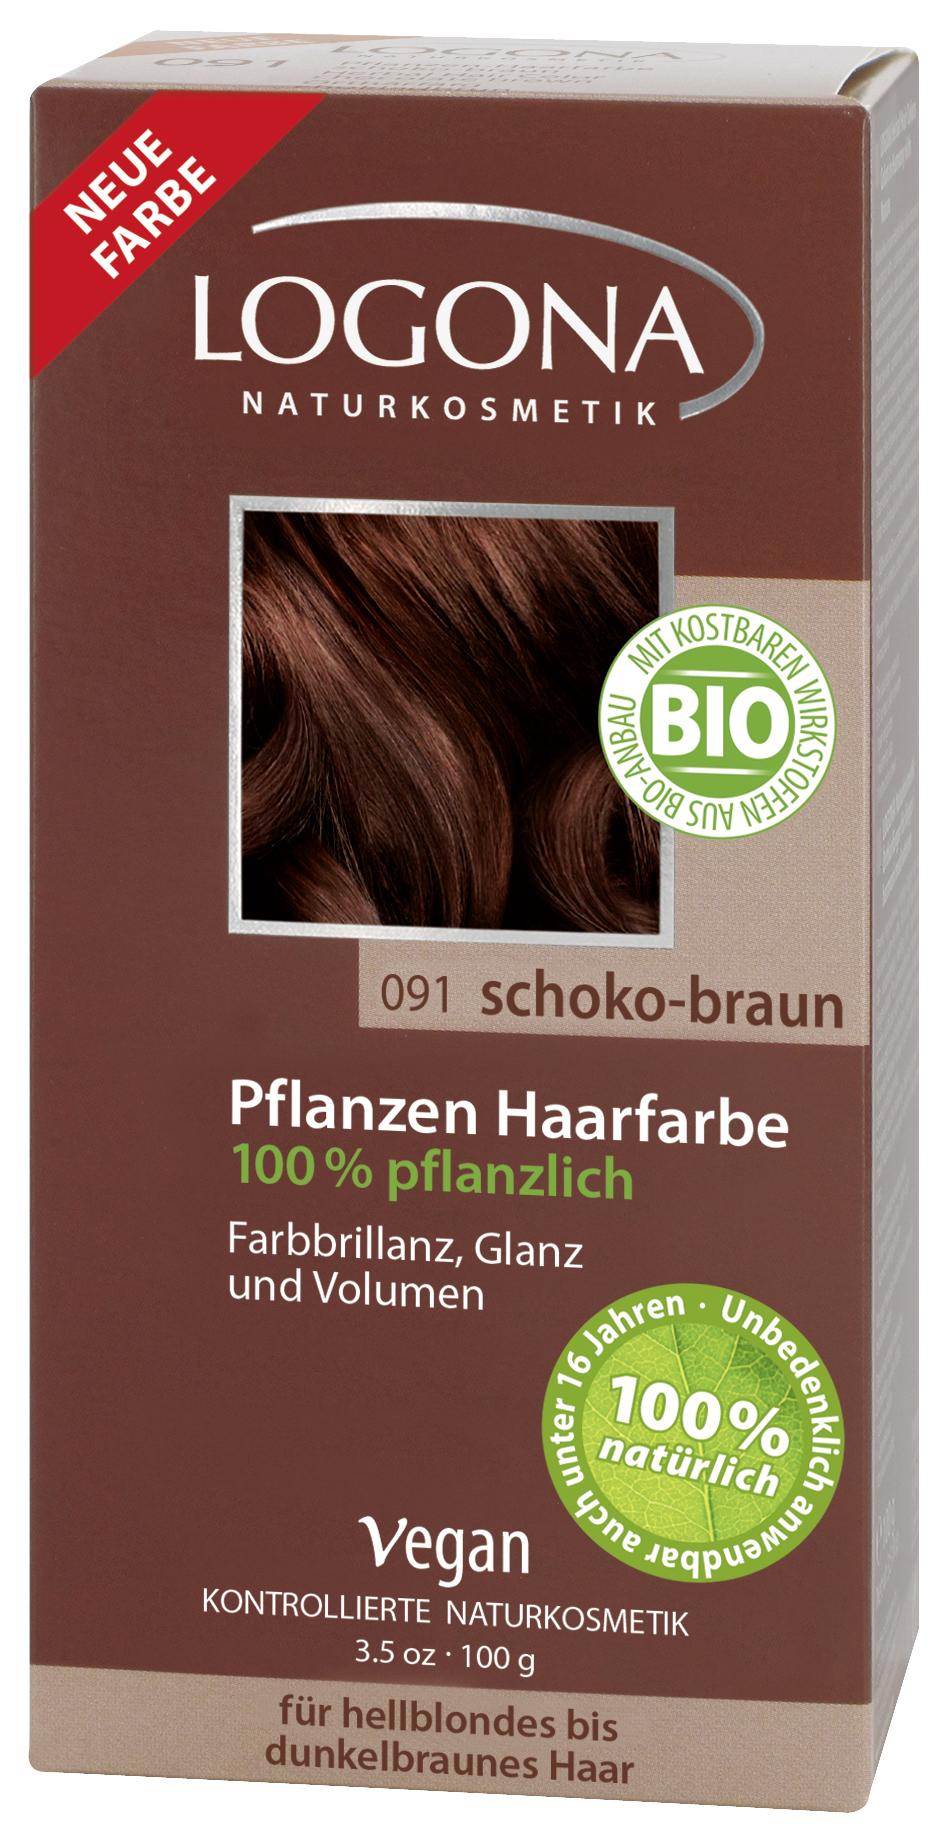 LOGONA растительная краска для волос 091 «ШОКОЛАДНО-КОРИЧНЕВЫЙ»